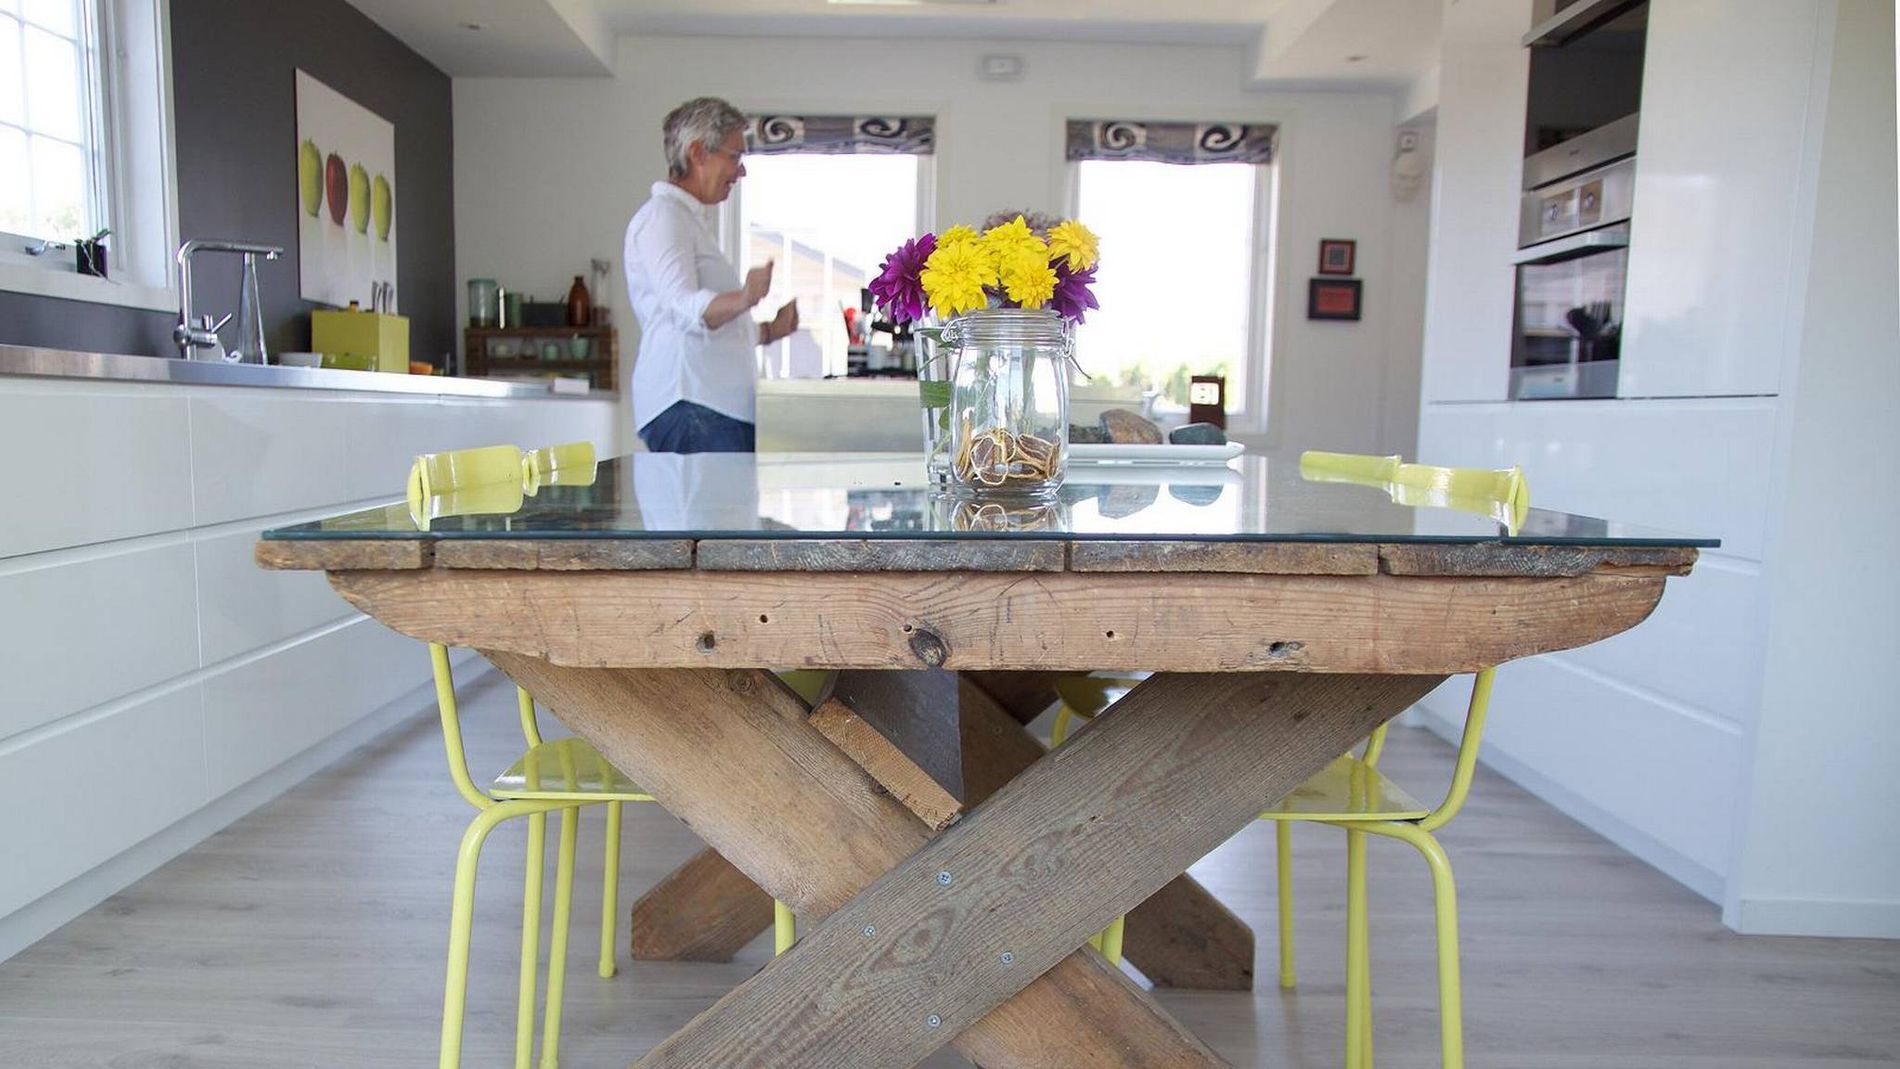 Leie bord oslo – La oss bygge et hus